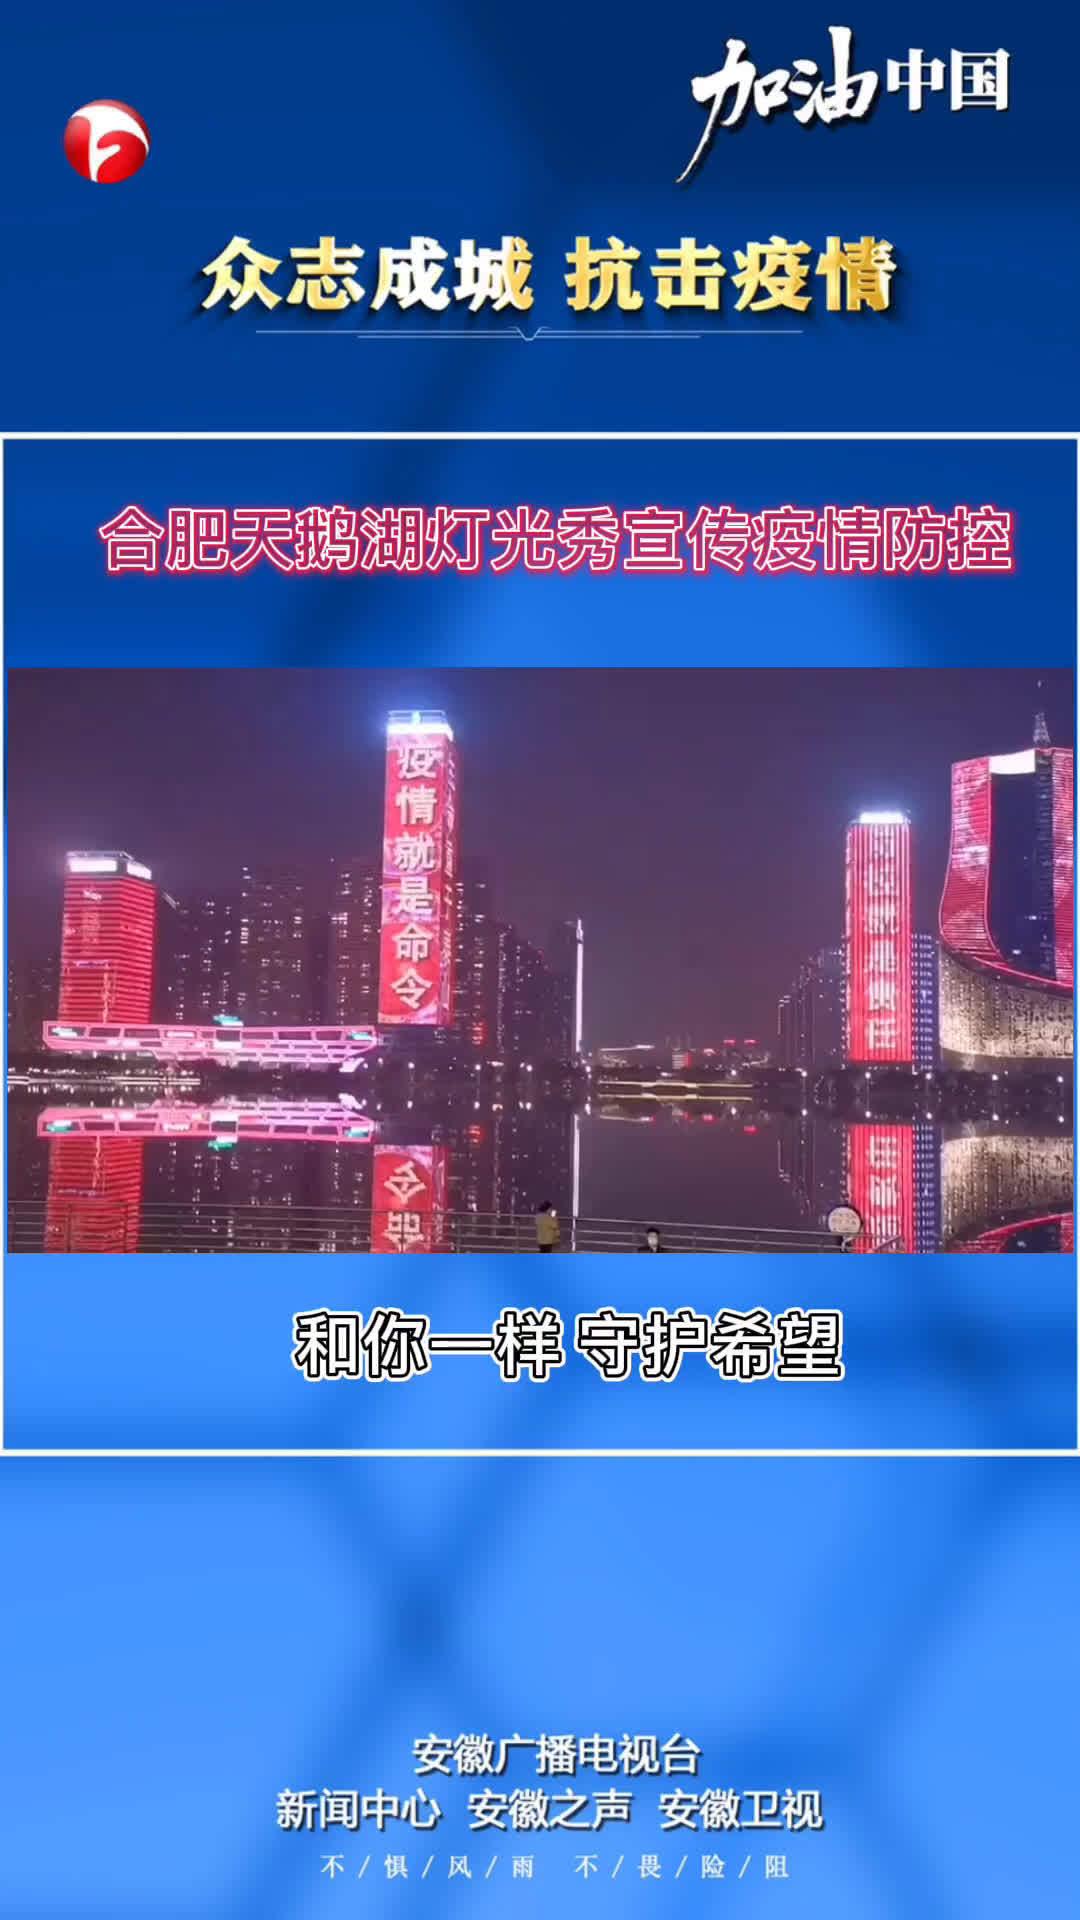 今晚,安徽合肥天鹅湖灯光秀,众志成城,抗击疫情